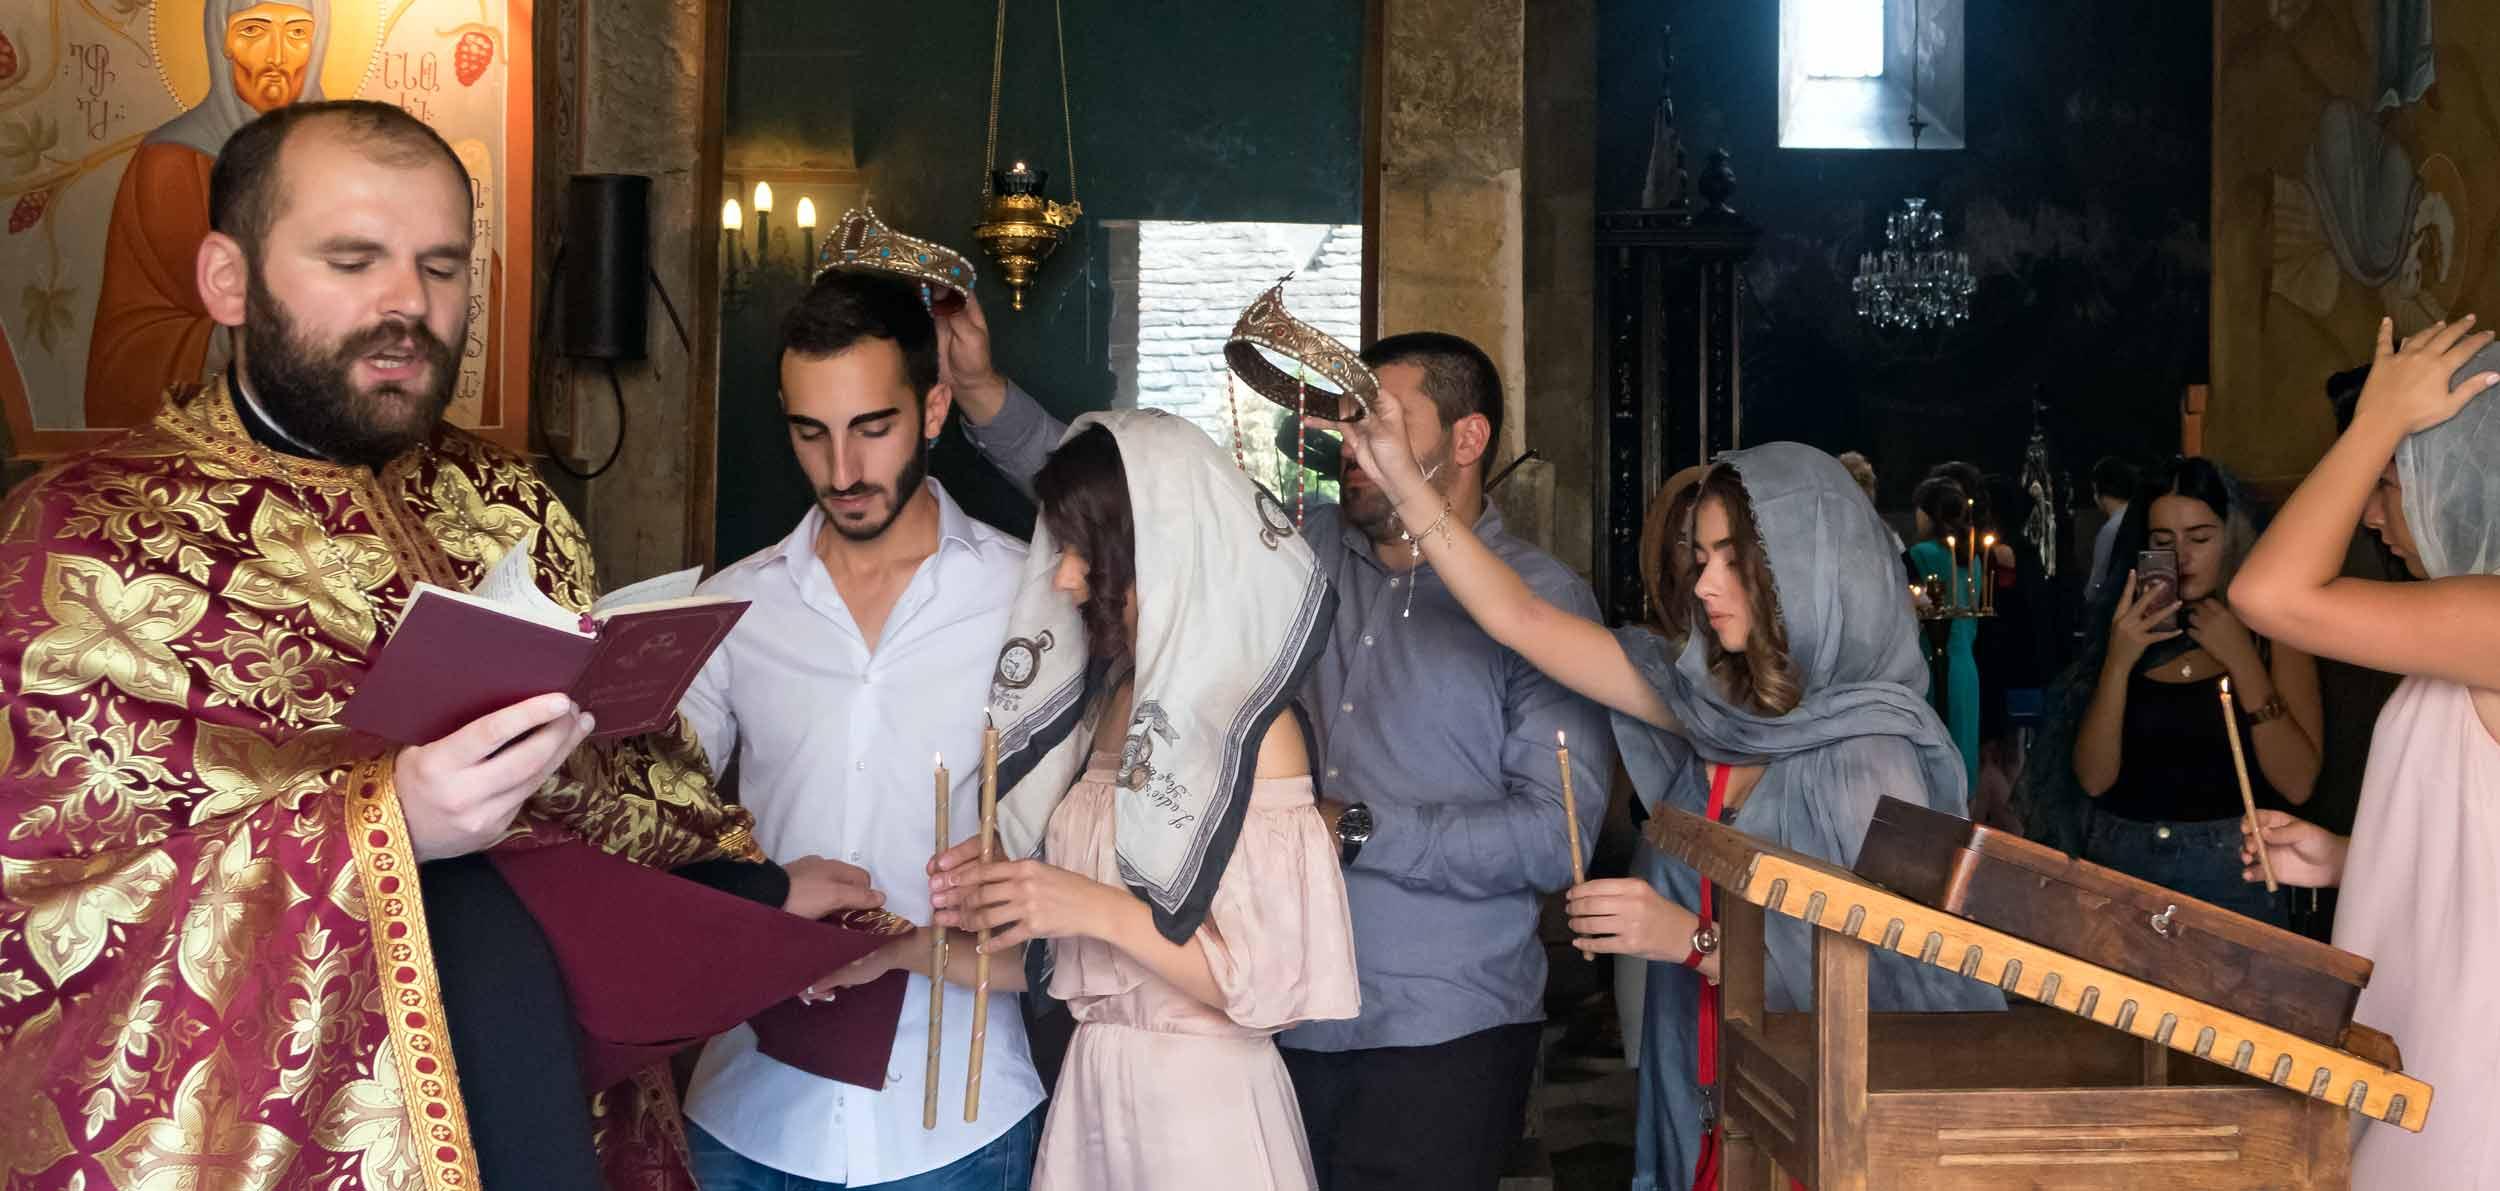 Венчание-Тбилиси-Достопримечательности-Религия-Церковь-Тур-Паломнический-NAMERANI.jpg